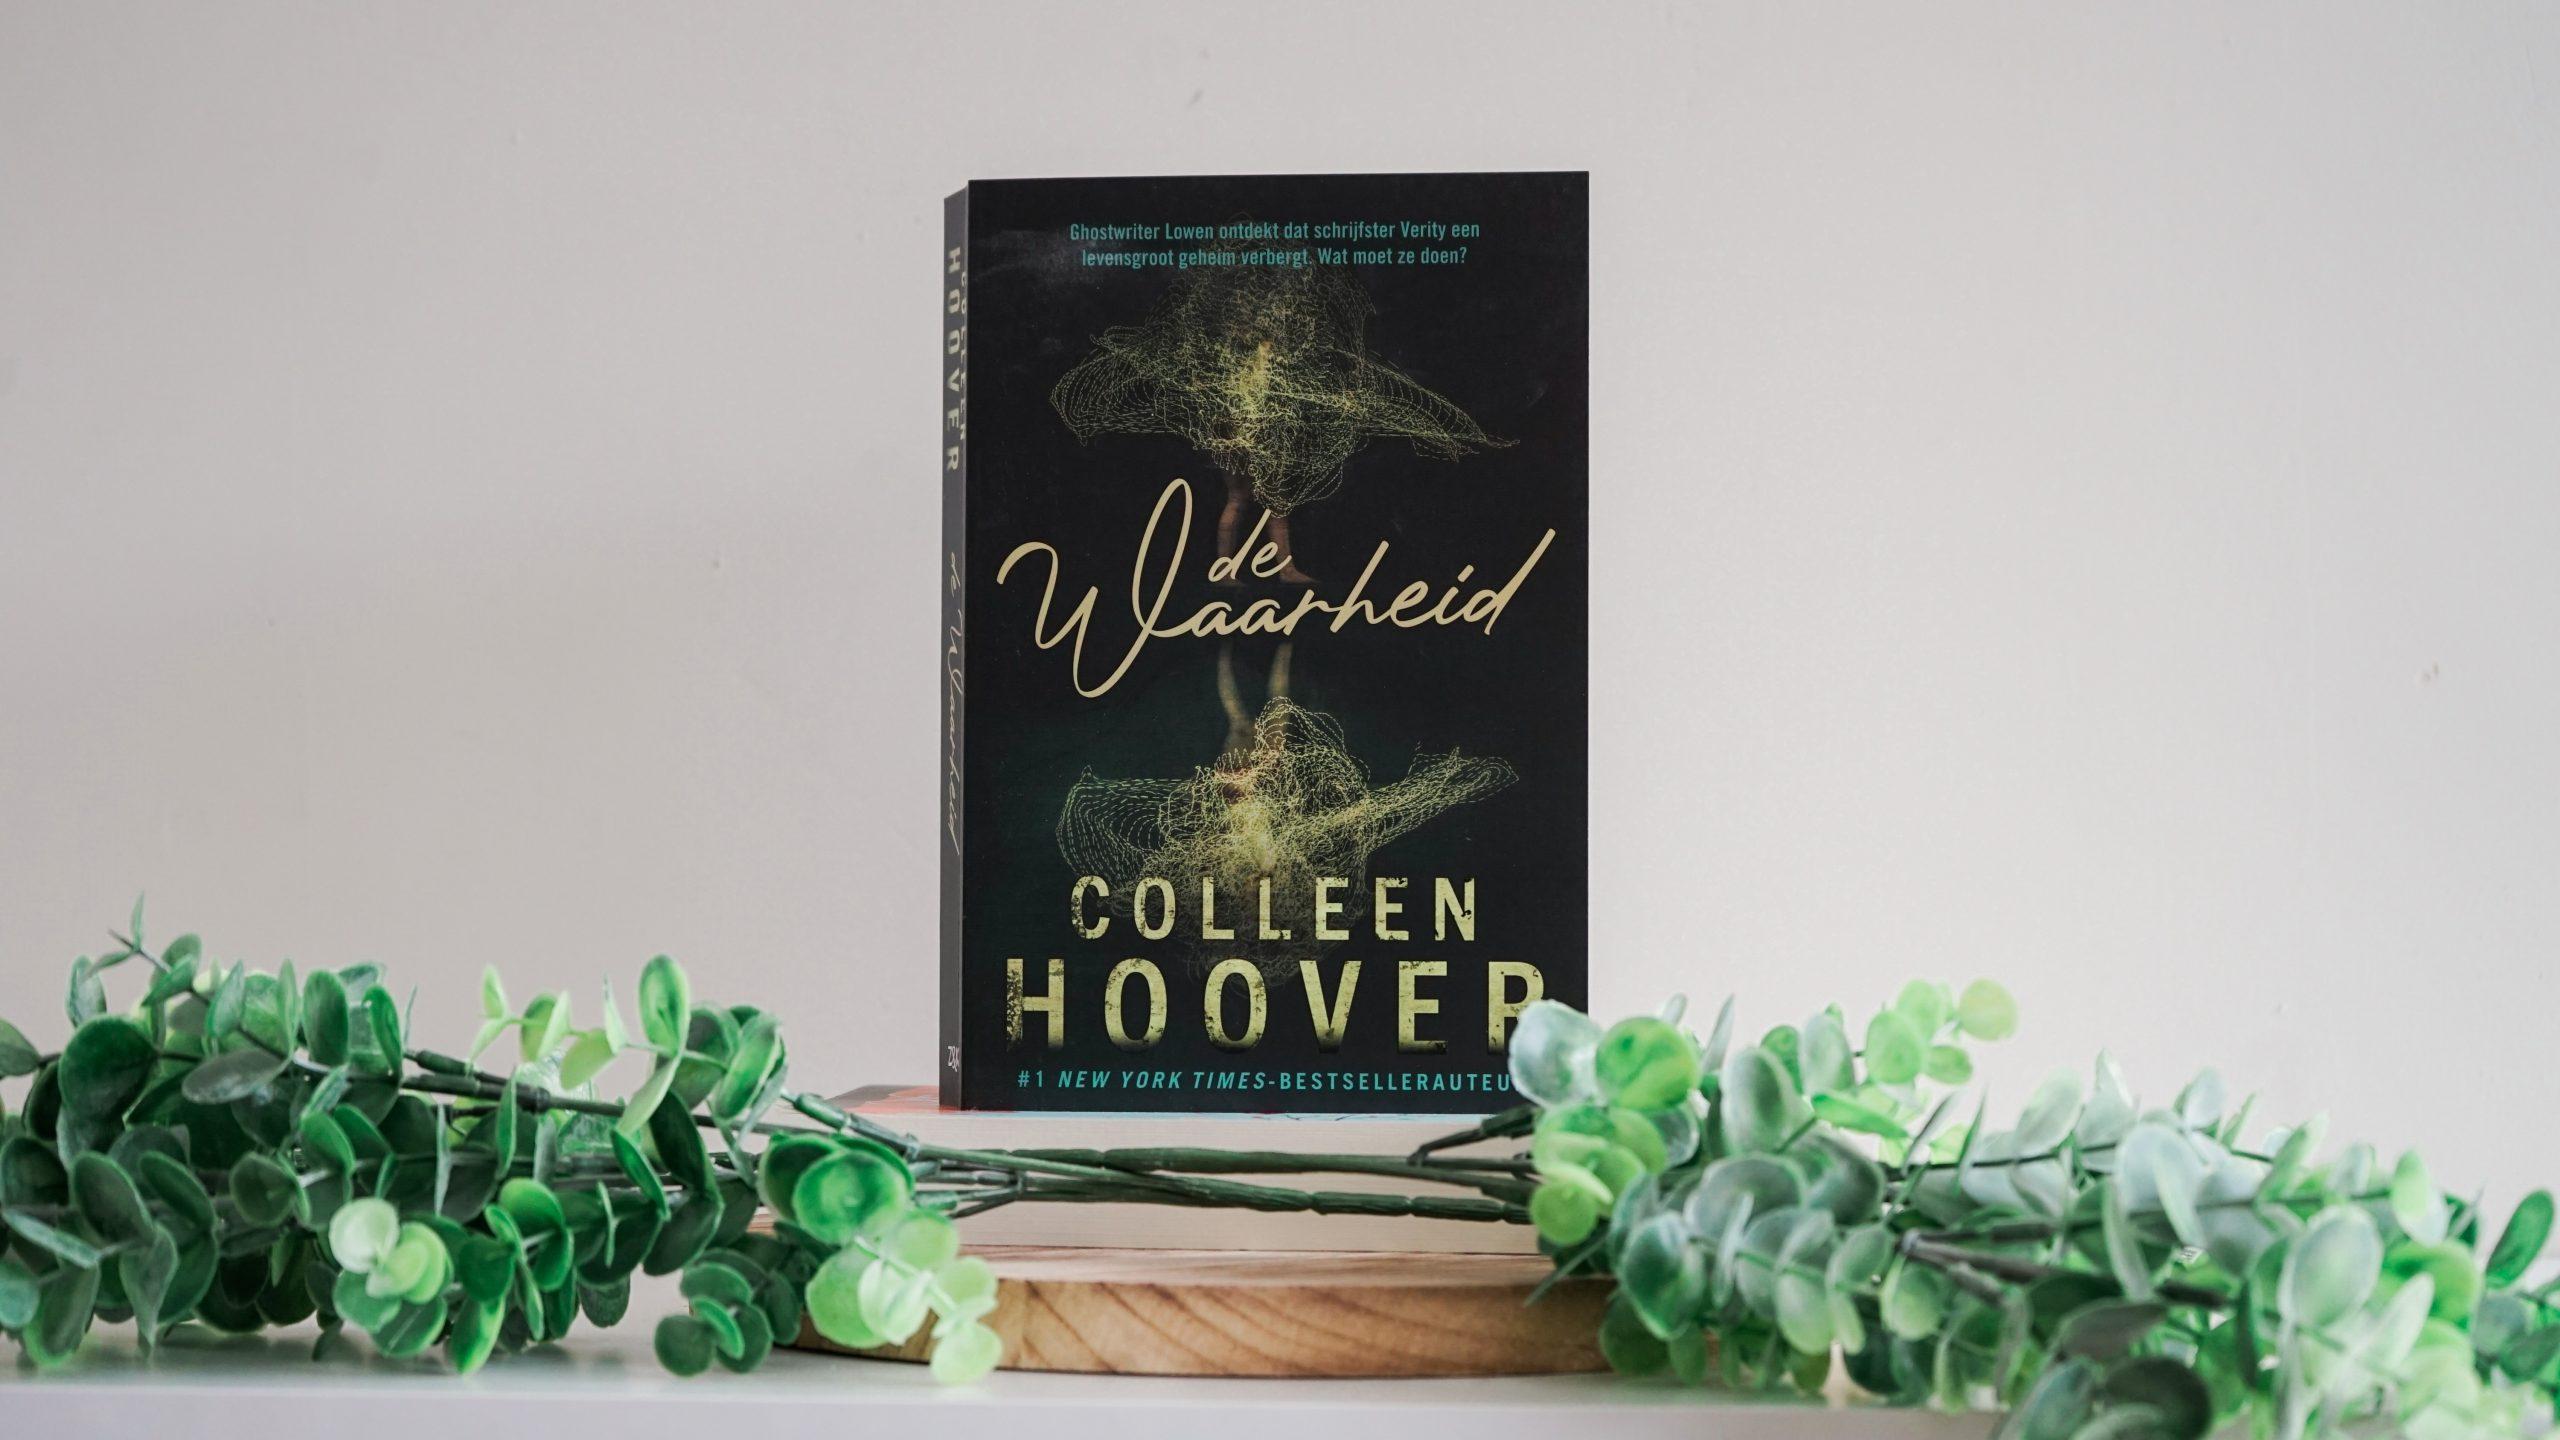 Colleen Hoover, de waarheid